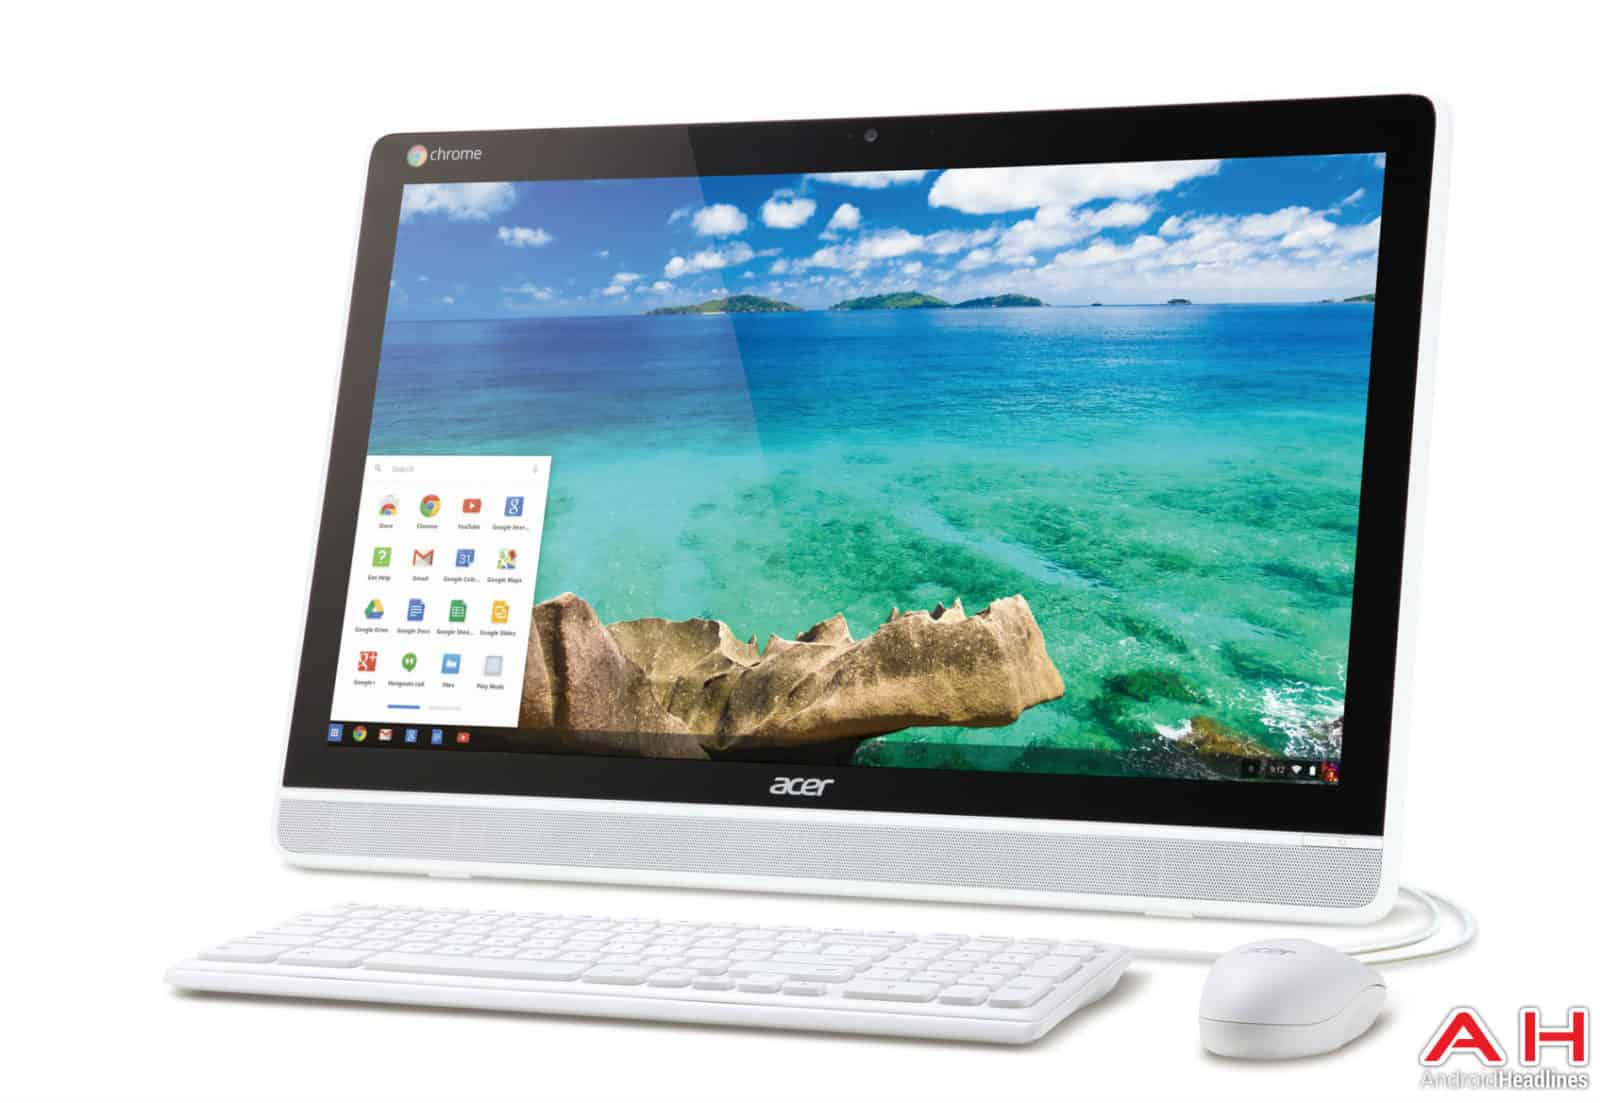 Acer Chromebase AH